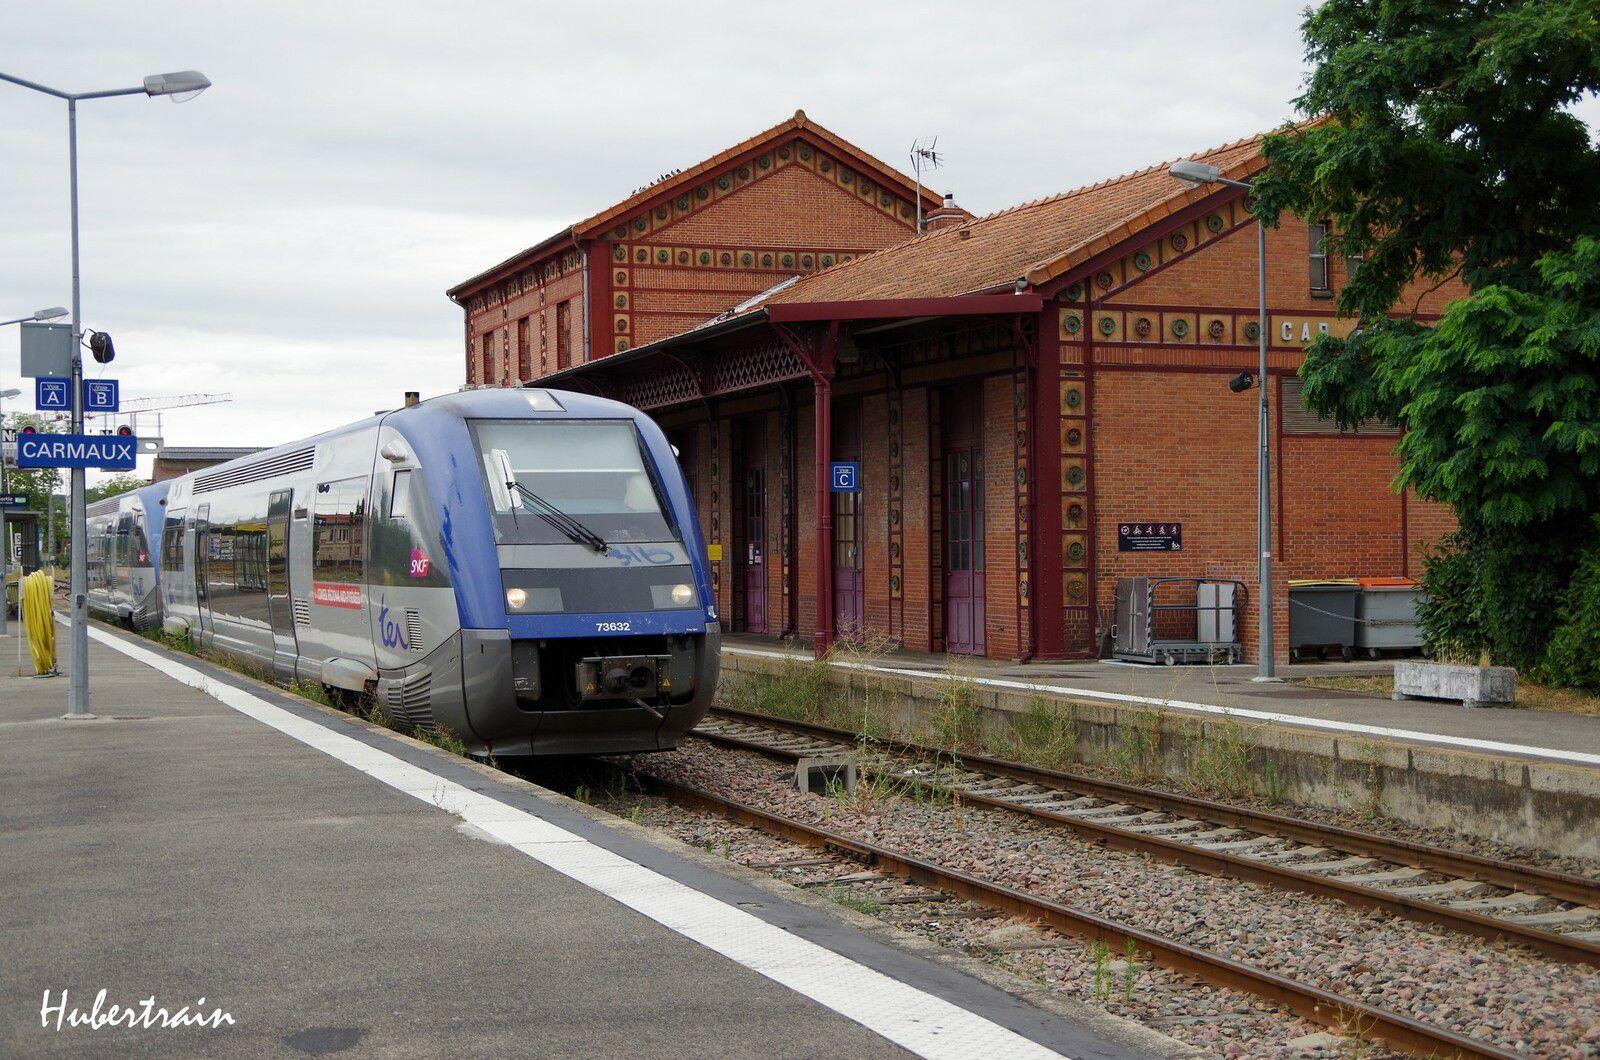 X73632 en gare de Carmaux (Tarn) - Août 2018